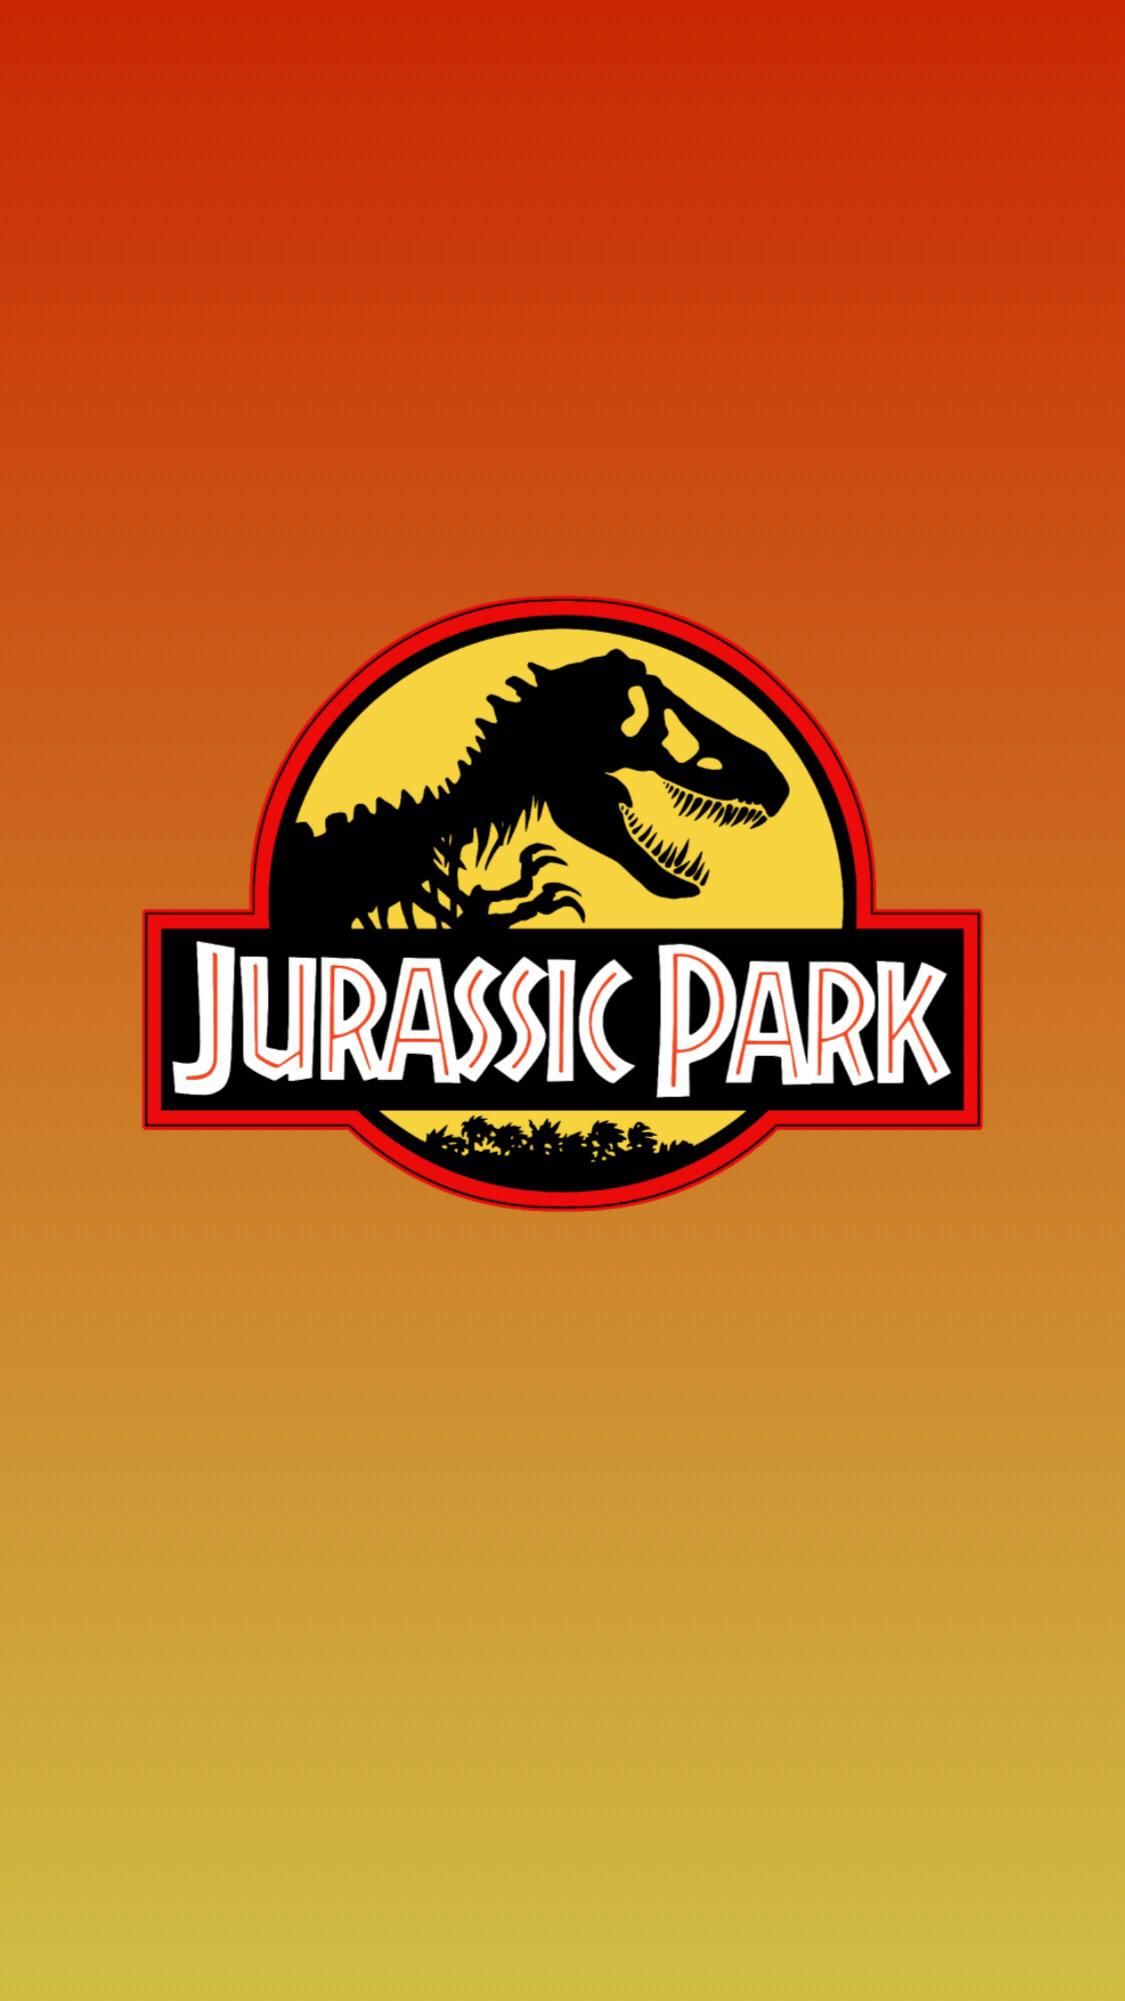 Jurassic Park Jurassic Park Jurassic Park Logo Jurassic Park Movie